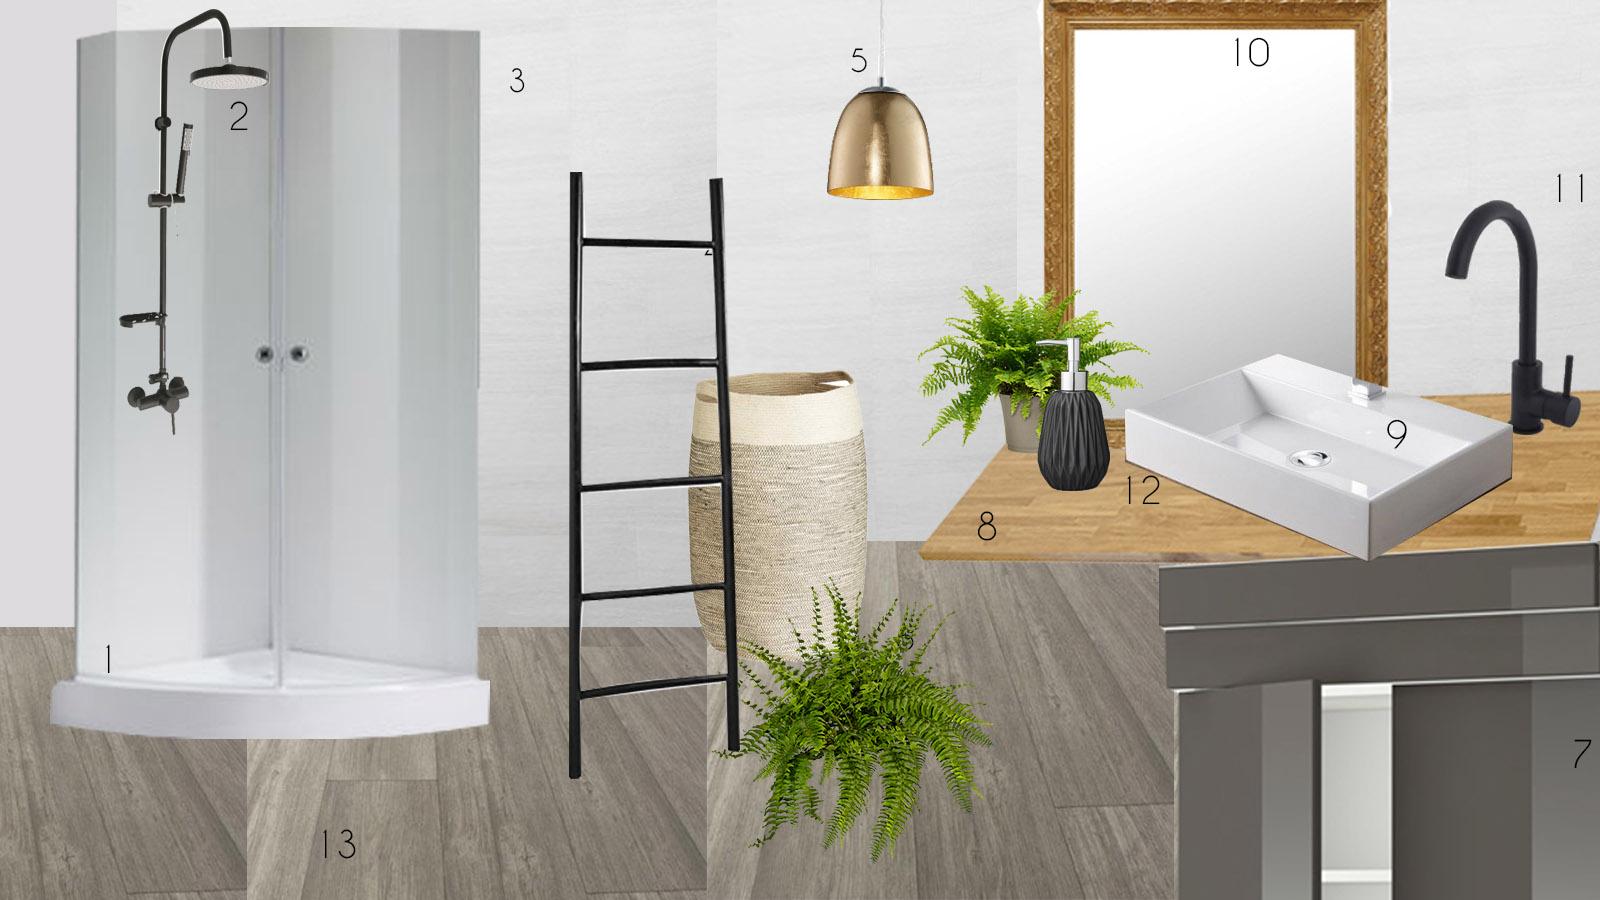 renover petite salle de bain  Une hirondelle dans les tiroirs